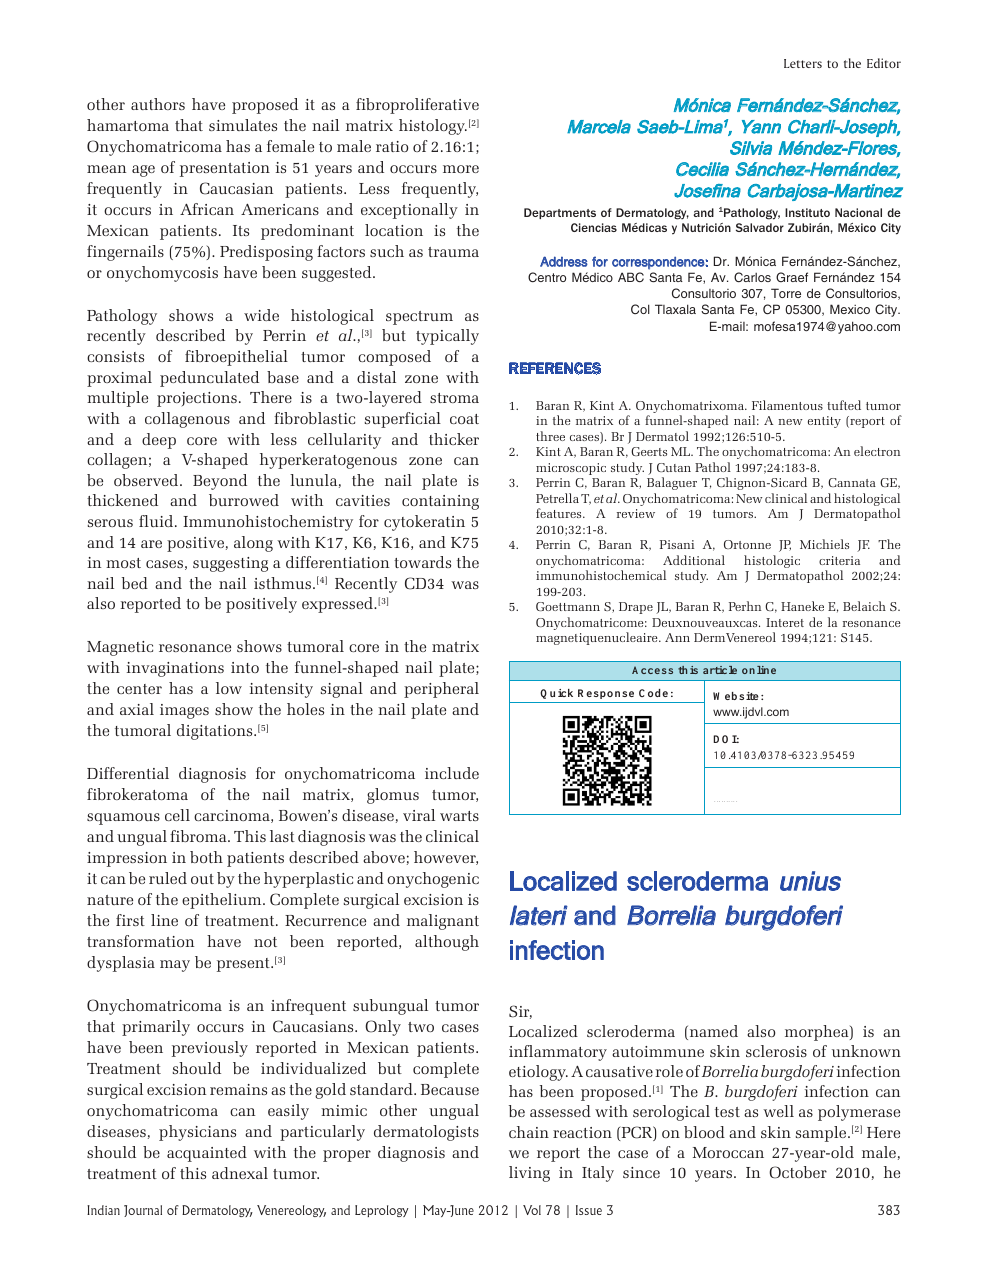 a9c8f239fa9 Localized scleroderma unius lateri and Borrelia burgdoferi infection ...